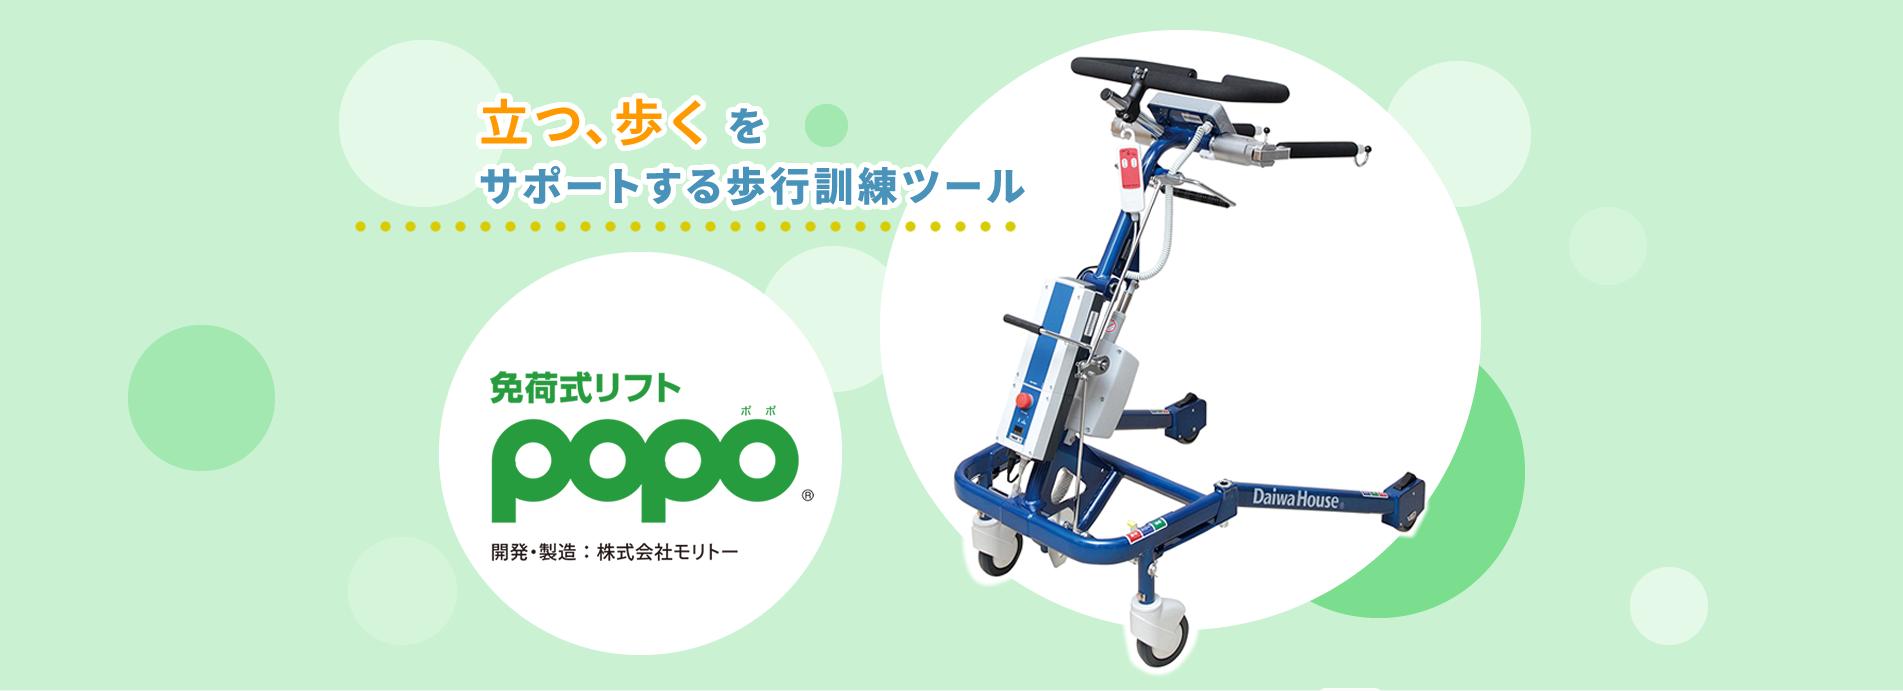 立つ、歩く をサポートする歩行訓練ツール 免荷式リフト POPO